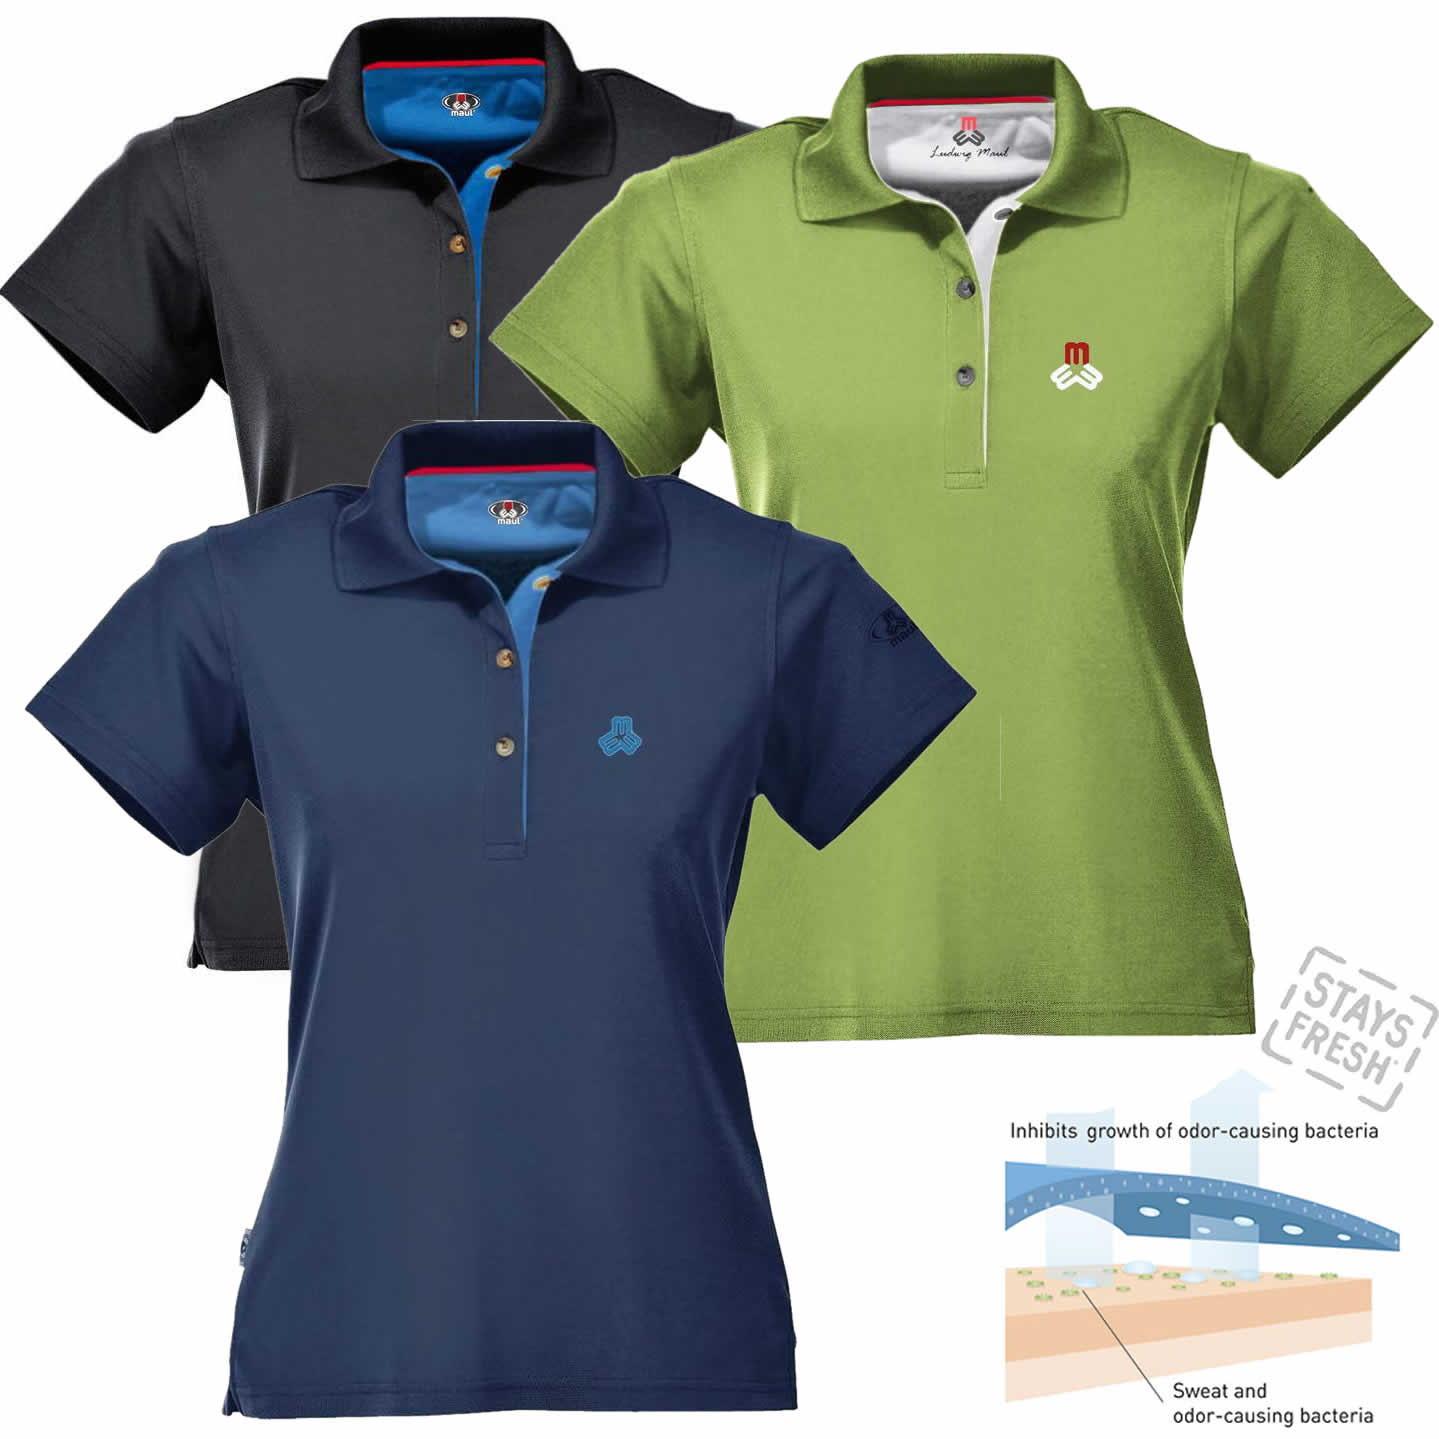 4d18e64deb9a45 Maul Damen Funktions-Poloshirt - kaufen bei RennerXXL